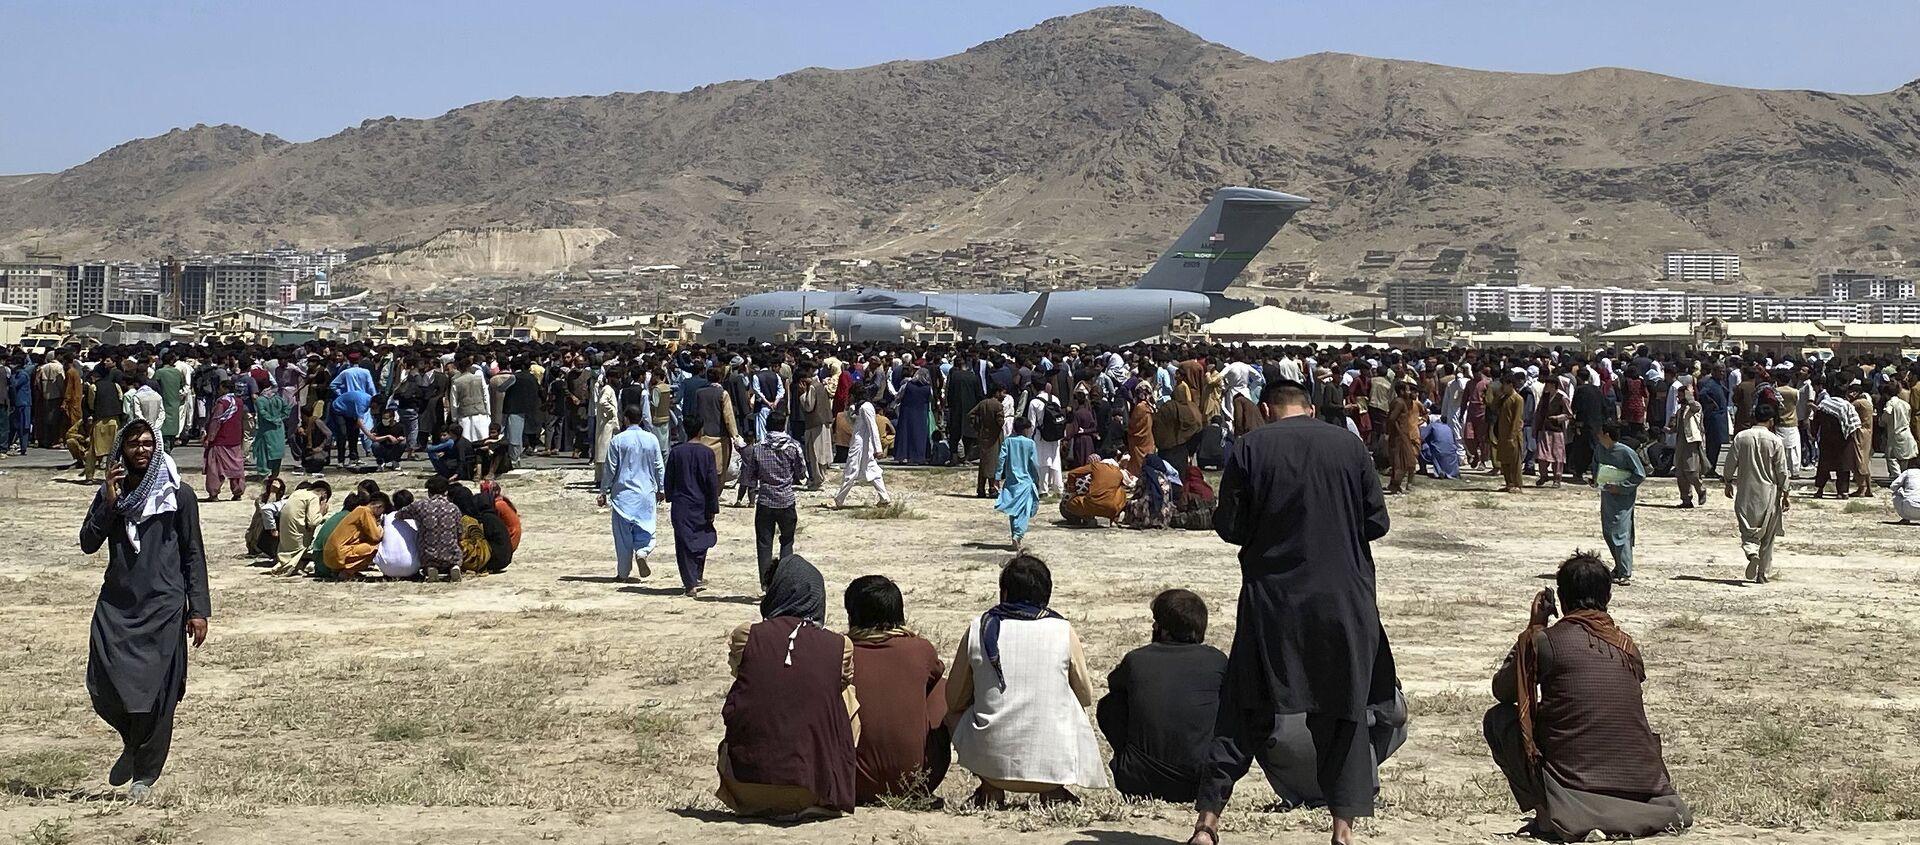 Hàng trăm người tập trung gần một chiếc máy bay vận tải C-17 của Không quân Hoa Kỳ ở vành đai sân bay quốc tế ở Kabul, Afghanistan, Thứ Hai, ngày 16 tháng 8 năm 2021 - Sputnik Việt Nam, 1920, 17.08.2021